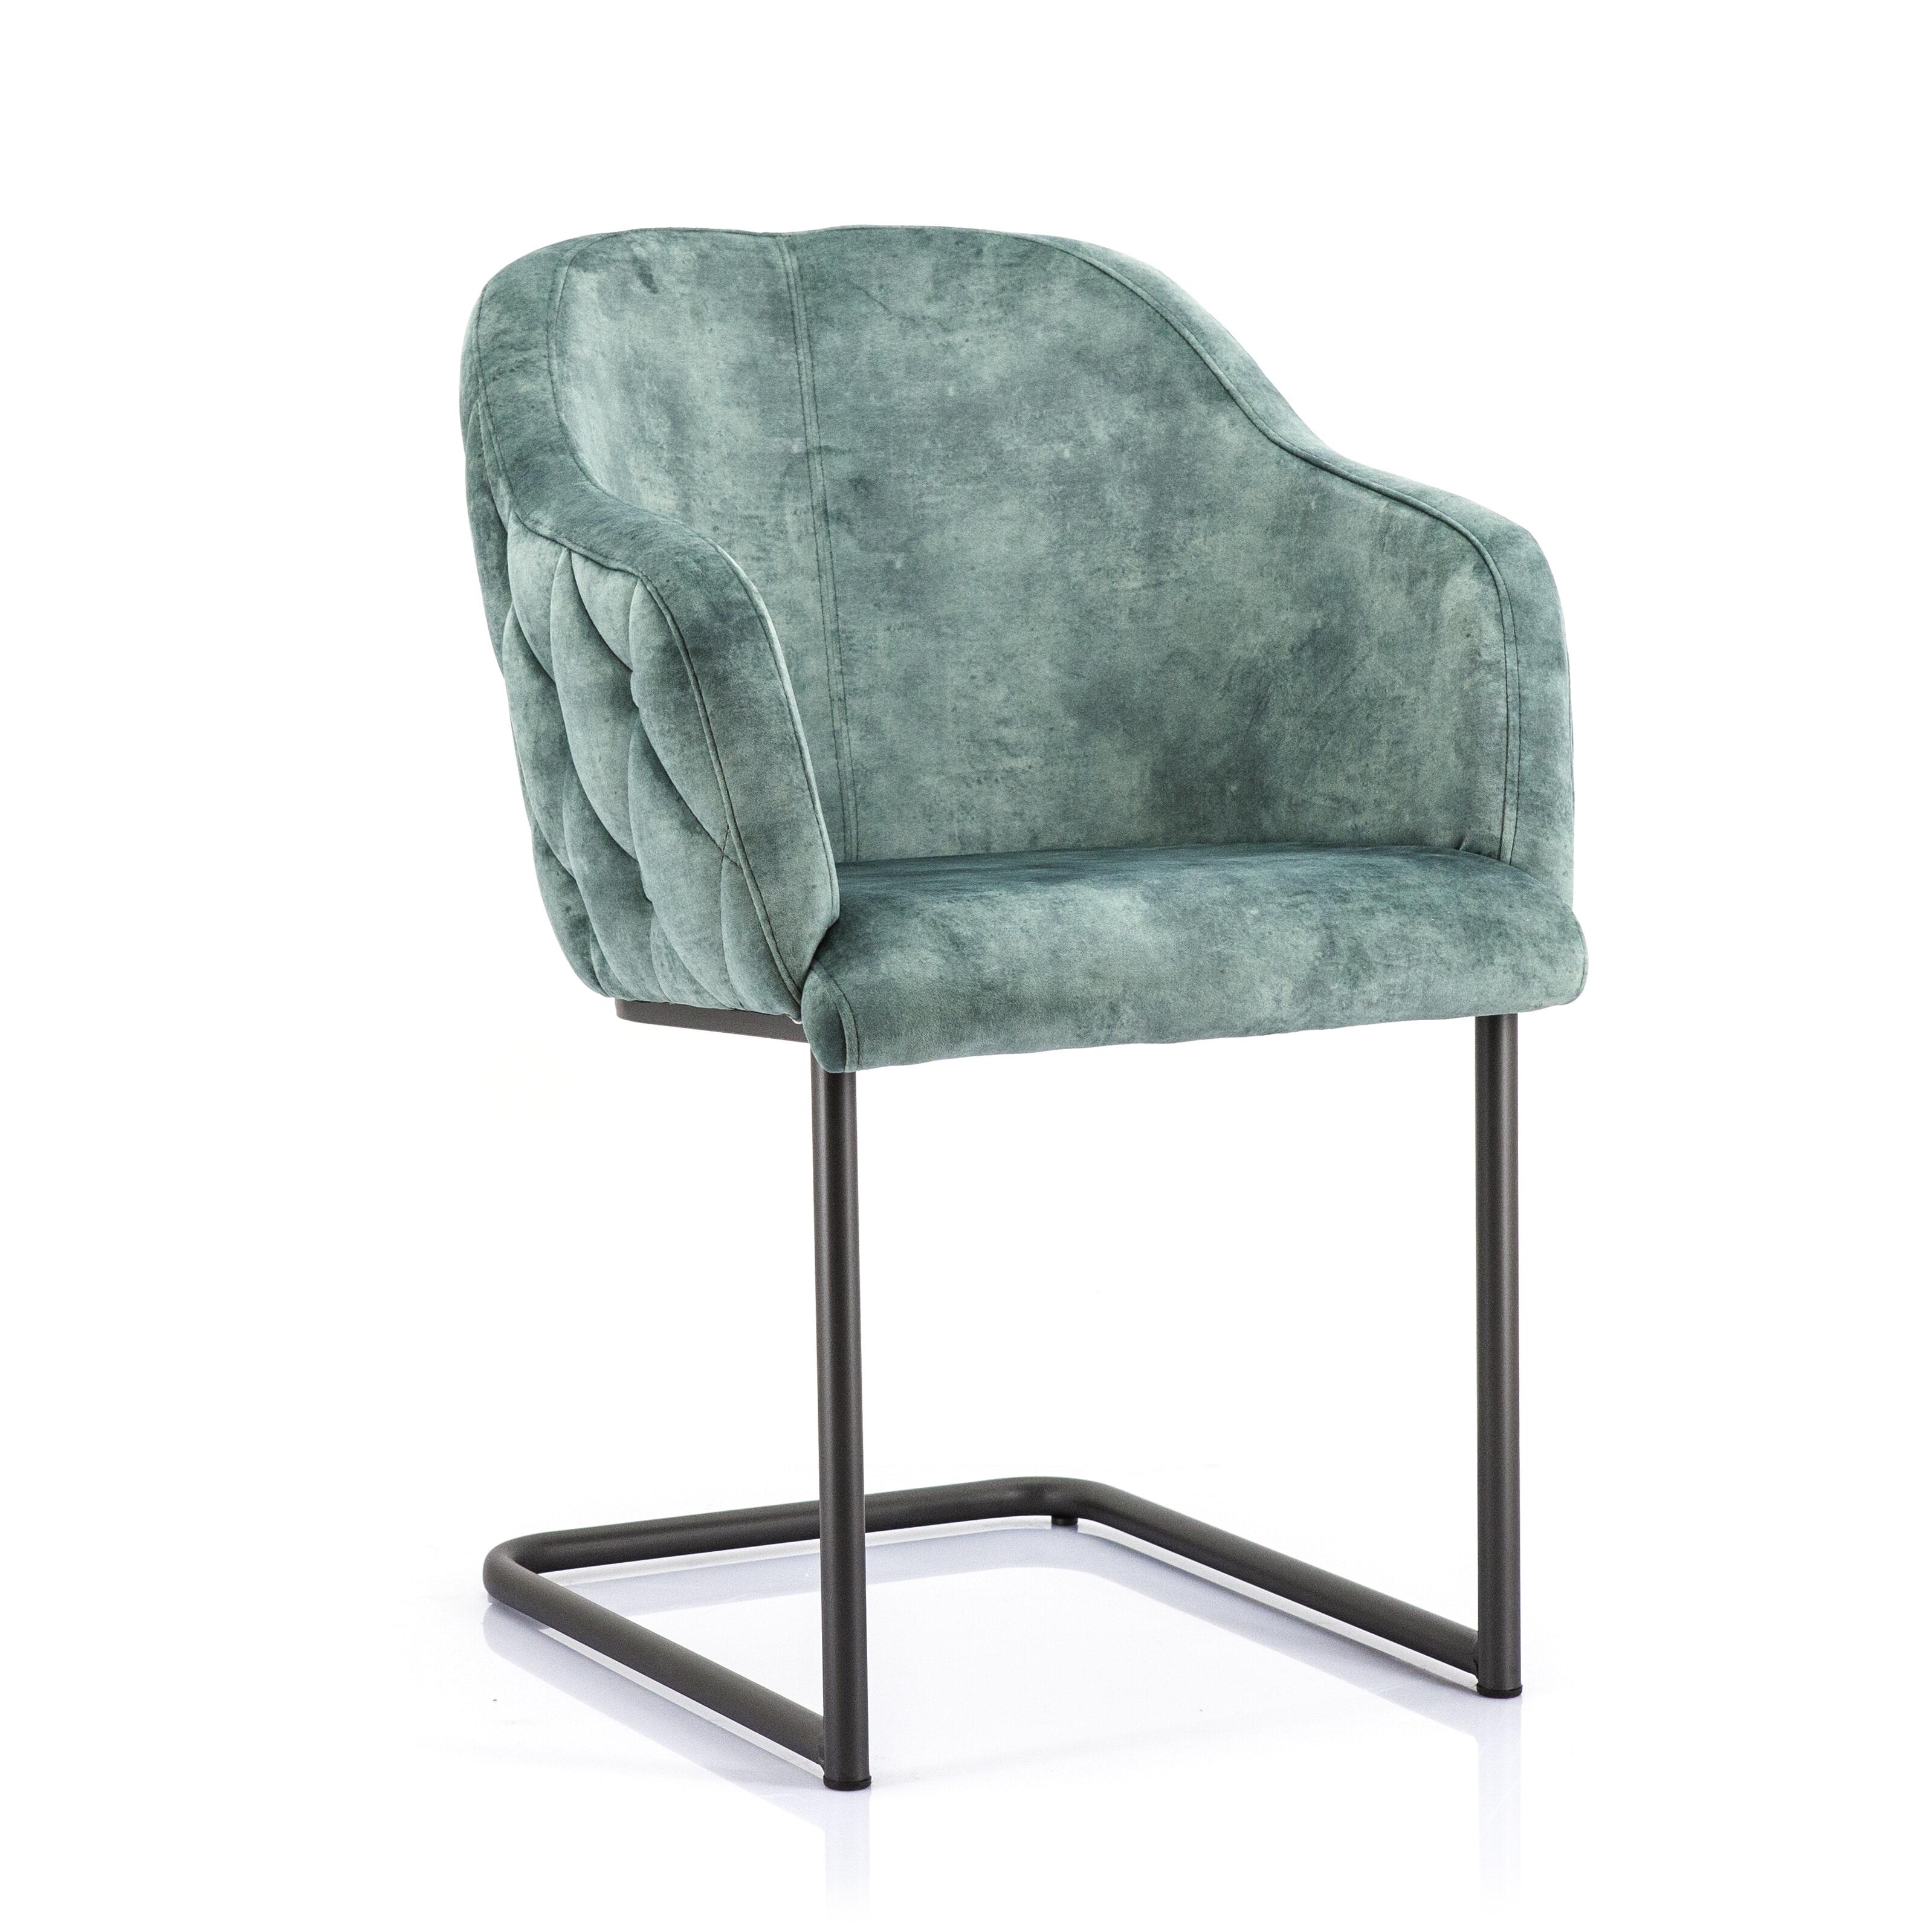 Eleonora Eetkamerstoel 'Paulette' kleur Groen